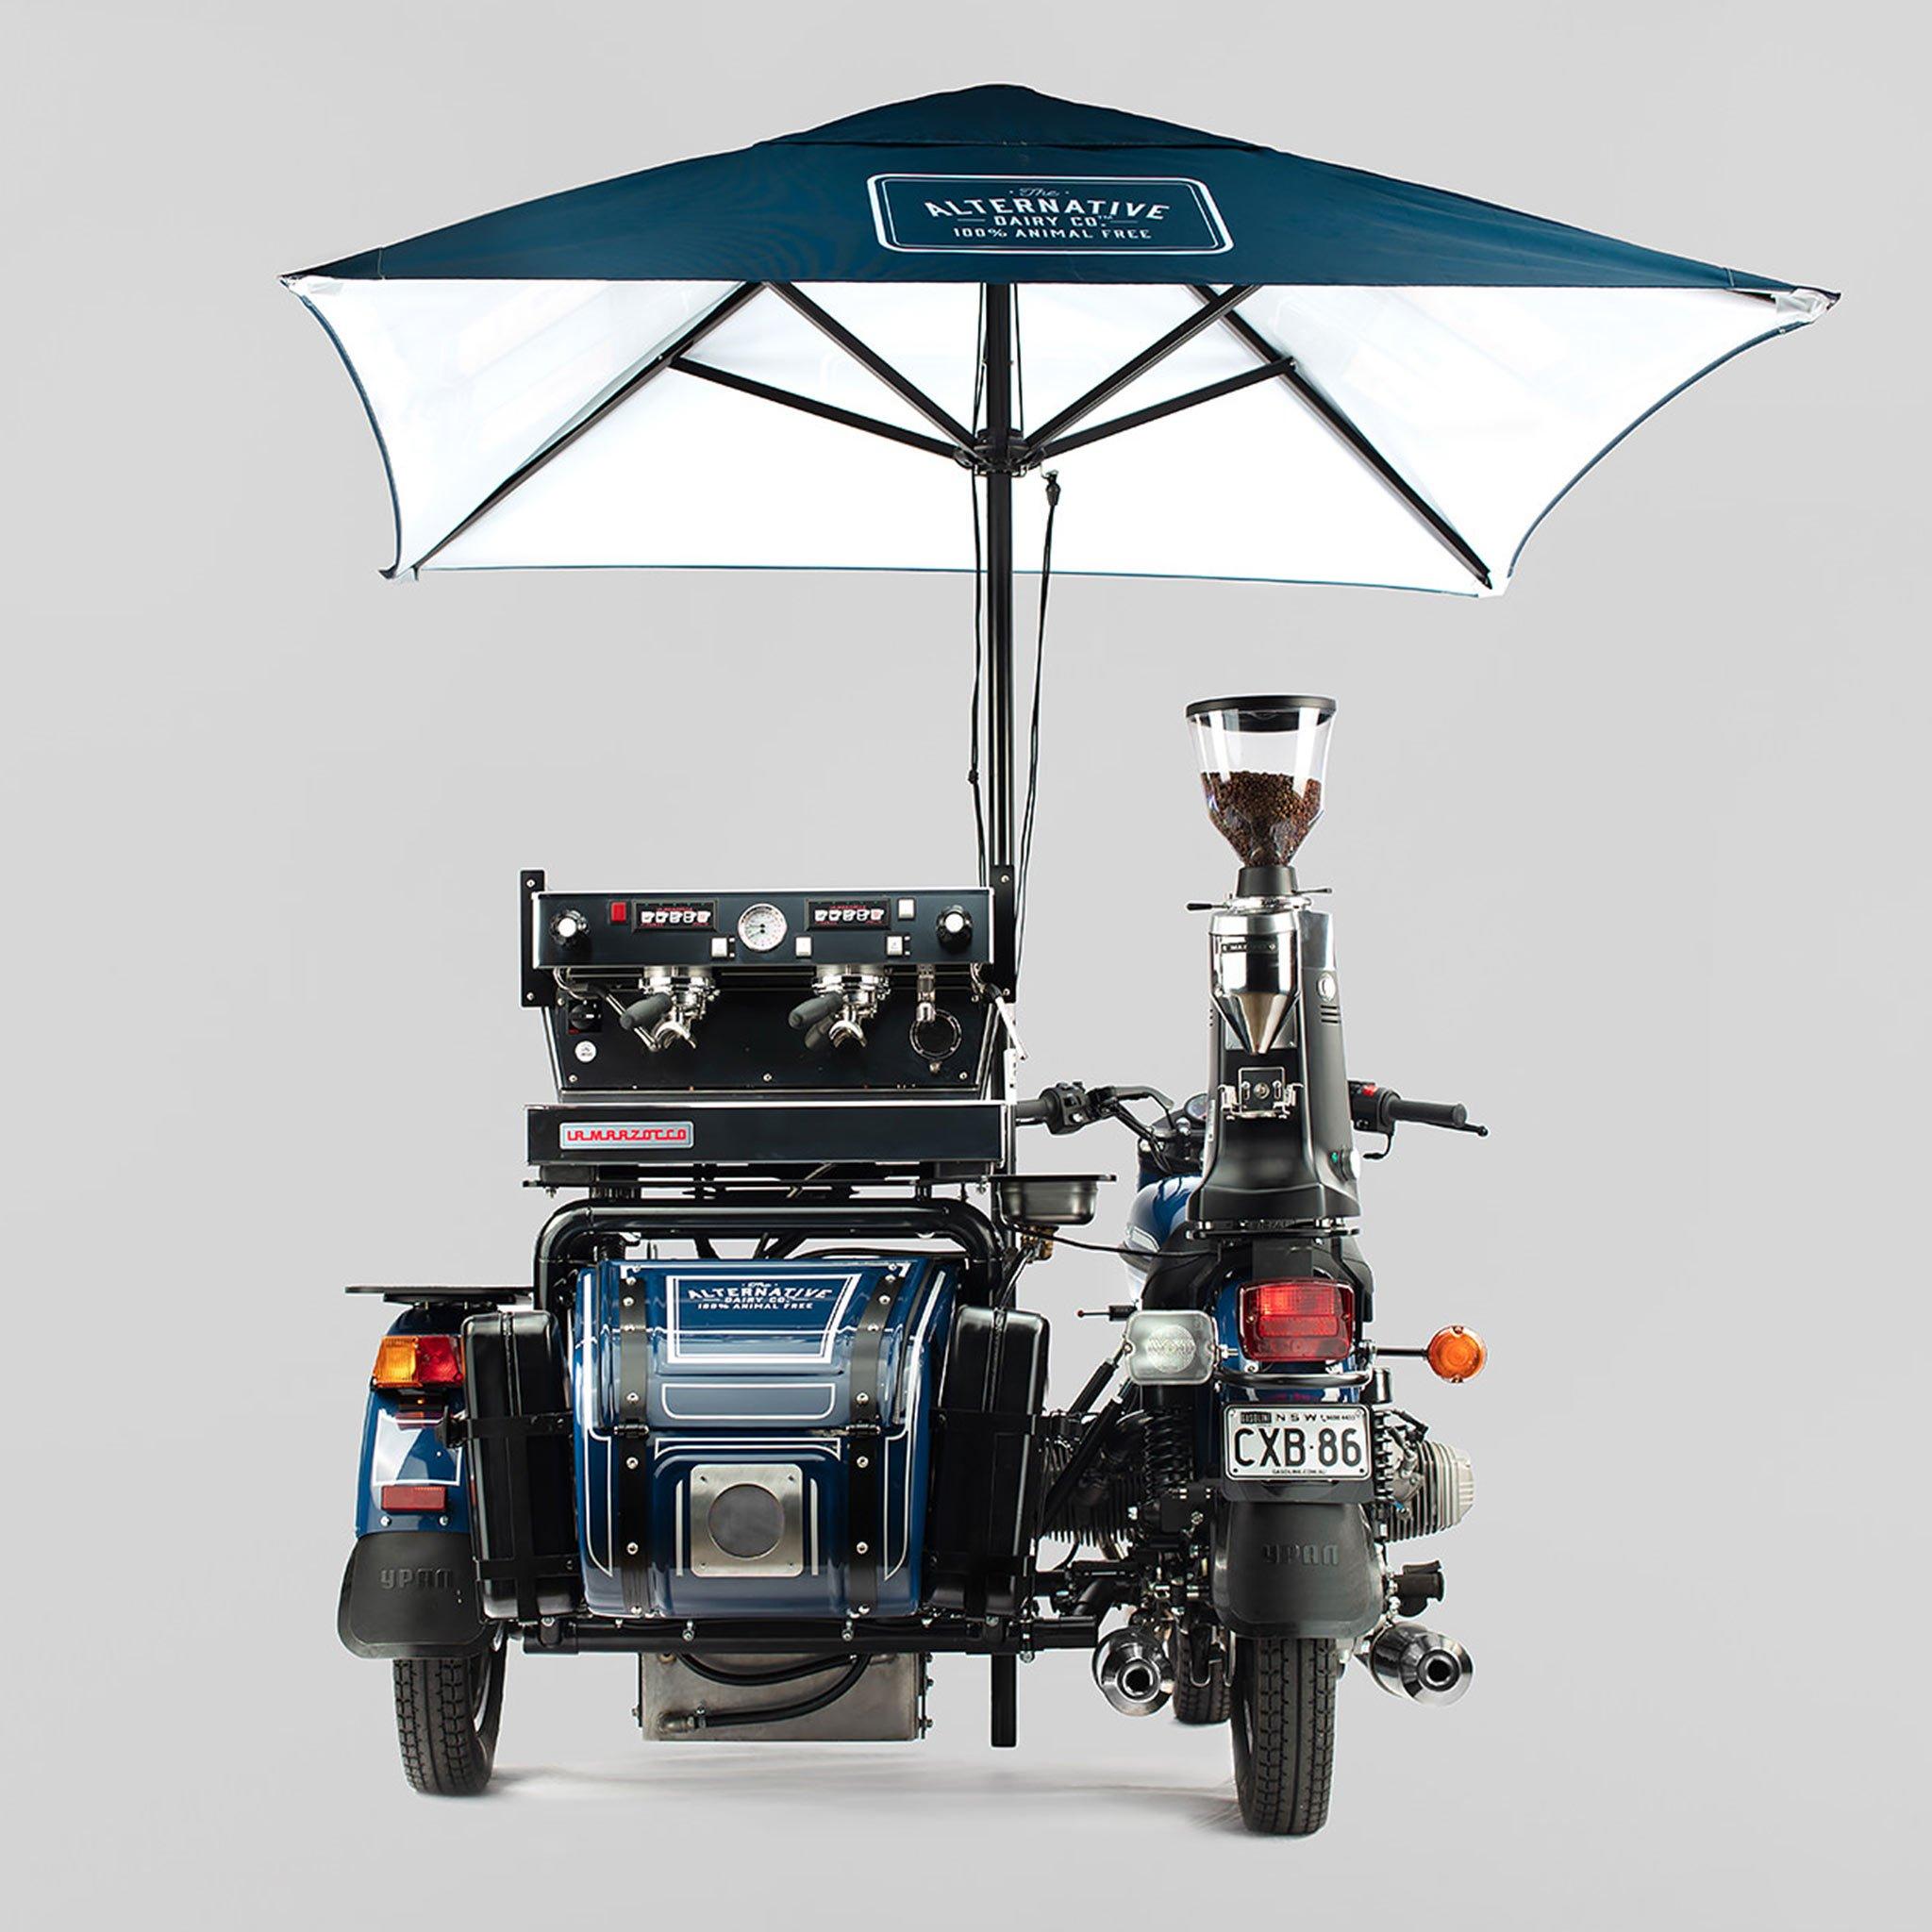 Slide Car Độ Chế Thành Xe Café Cực Ngầu – Ý Tưởng Sáng Tạo